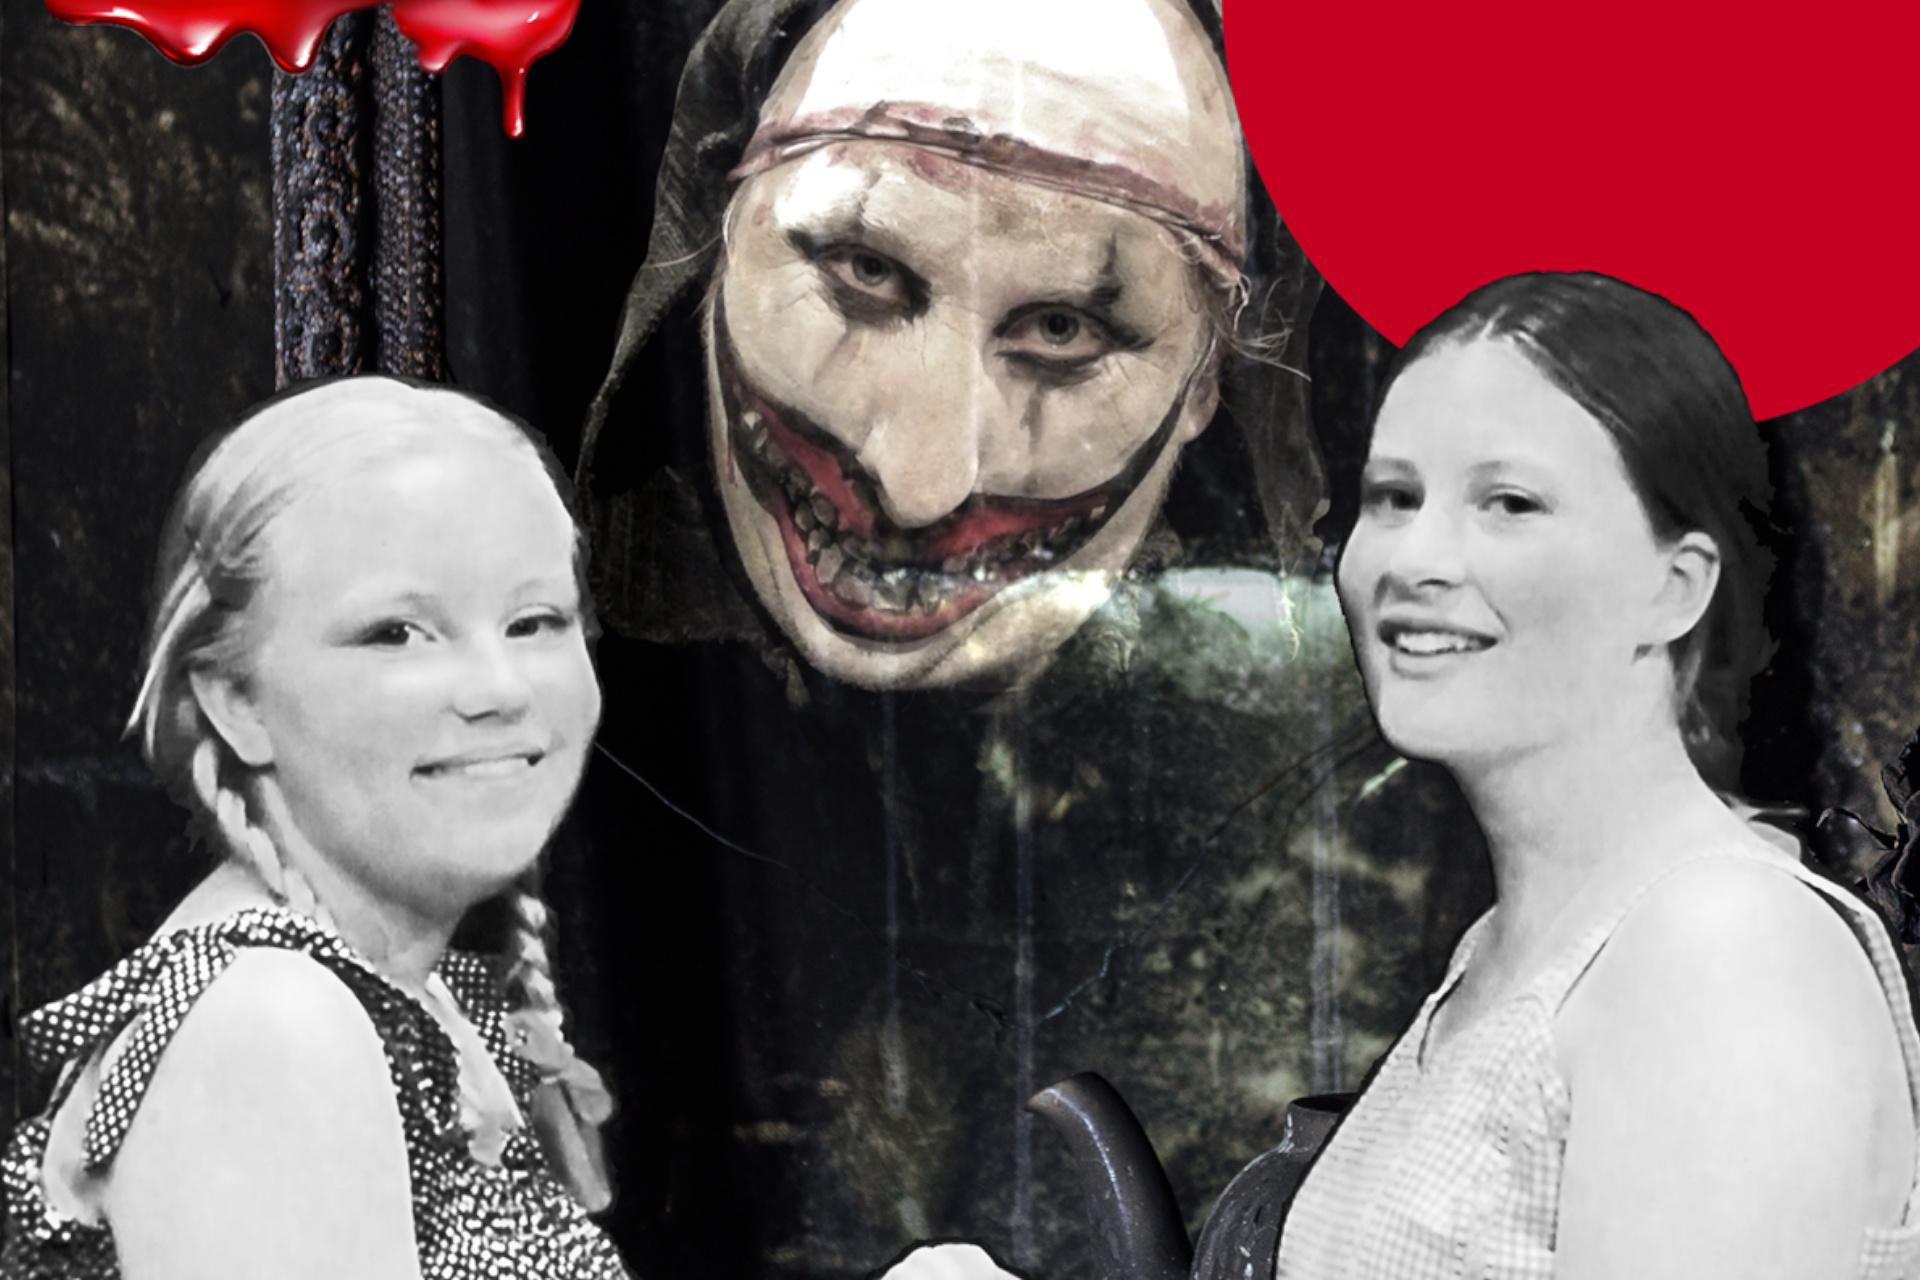 Karaktärer från skräckföreställningen Demonernas hus. Foto: Pressbild